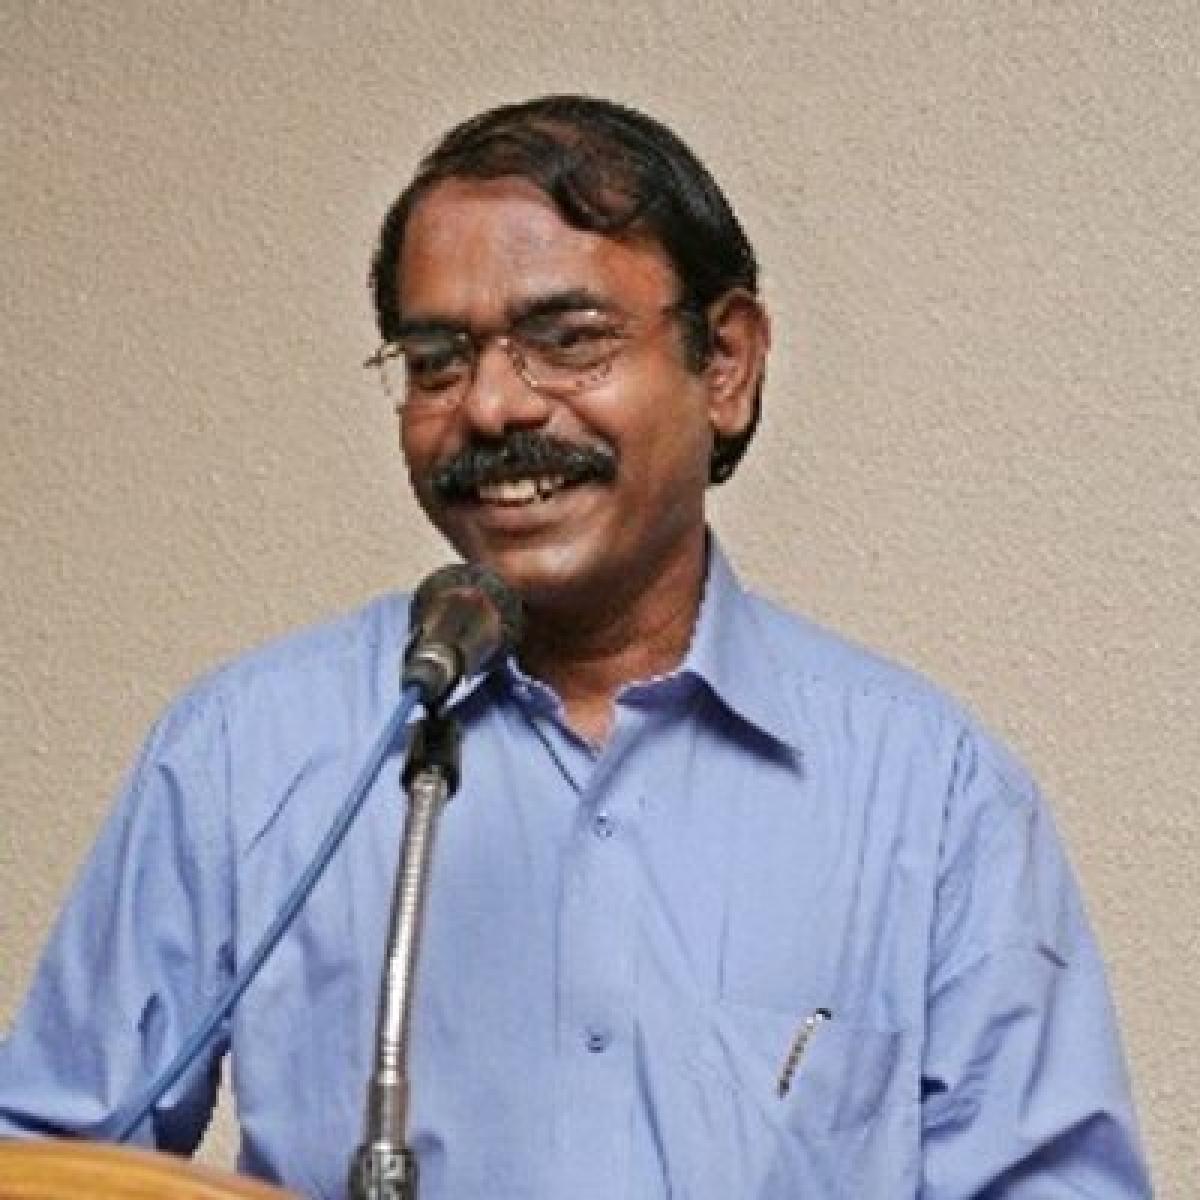 பத்திரிகையாளர் ஏ.எஸ்.பன்னீர்செல்வம்